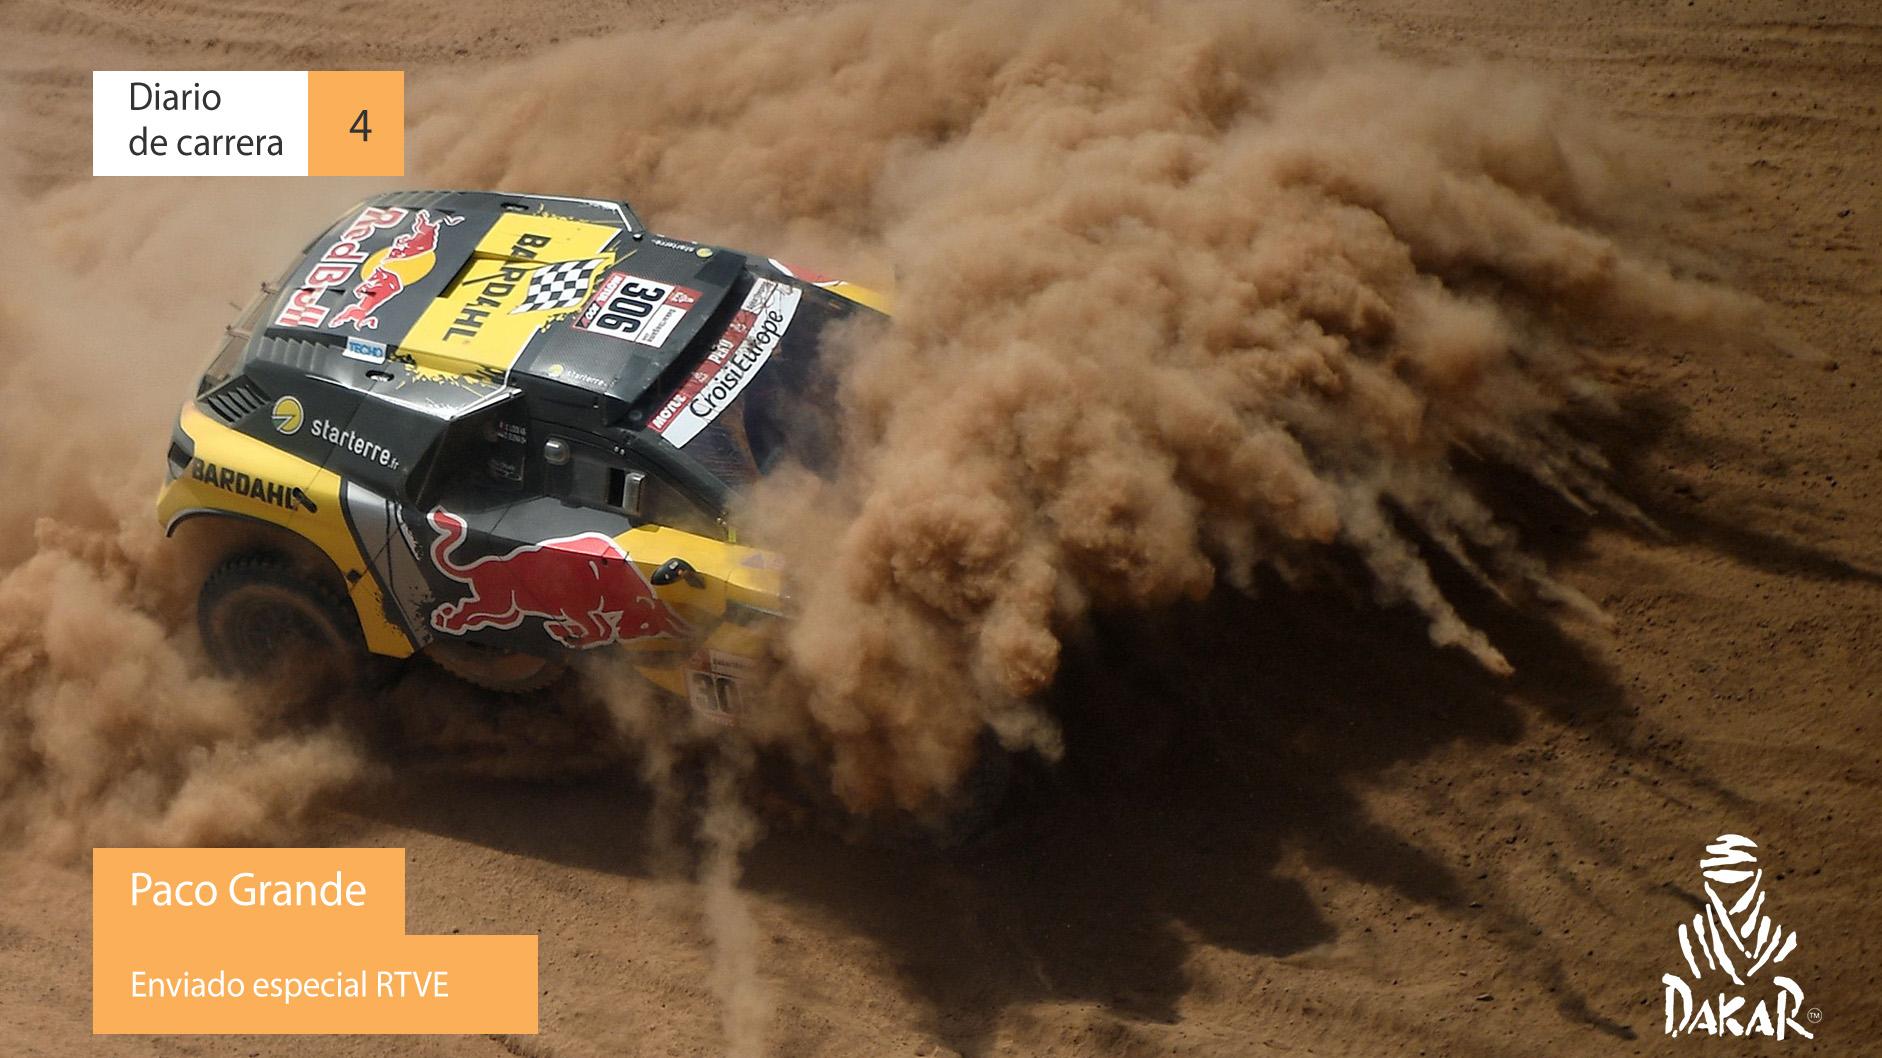 Dakar 2019. Diario de Carrera. Etapa 4